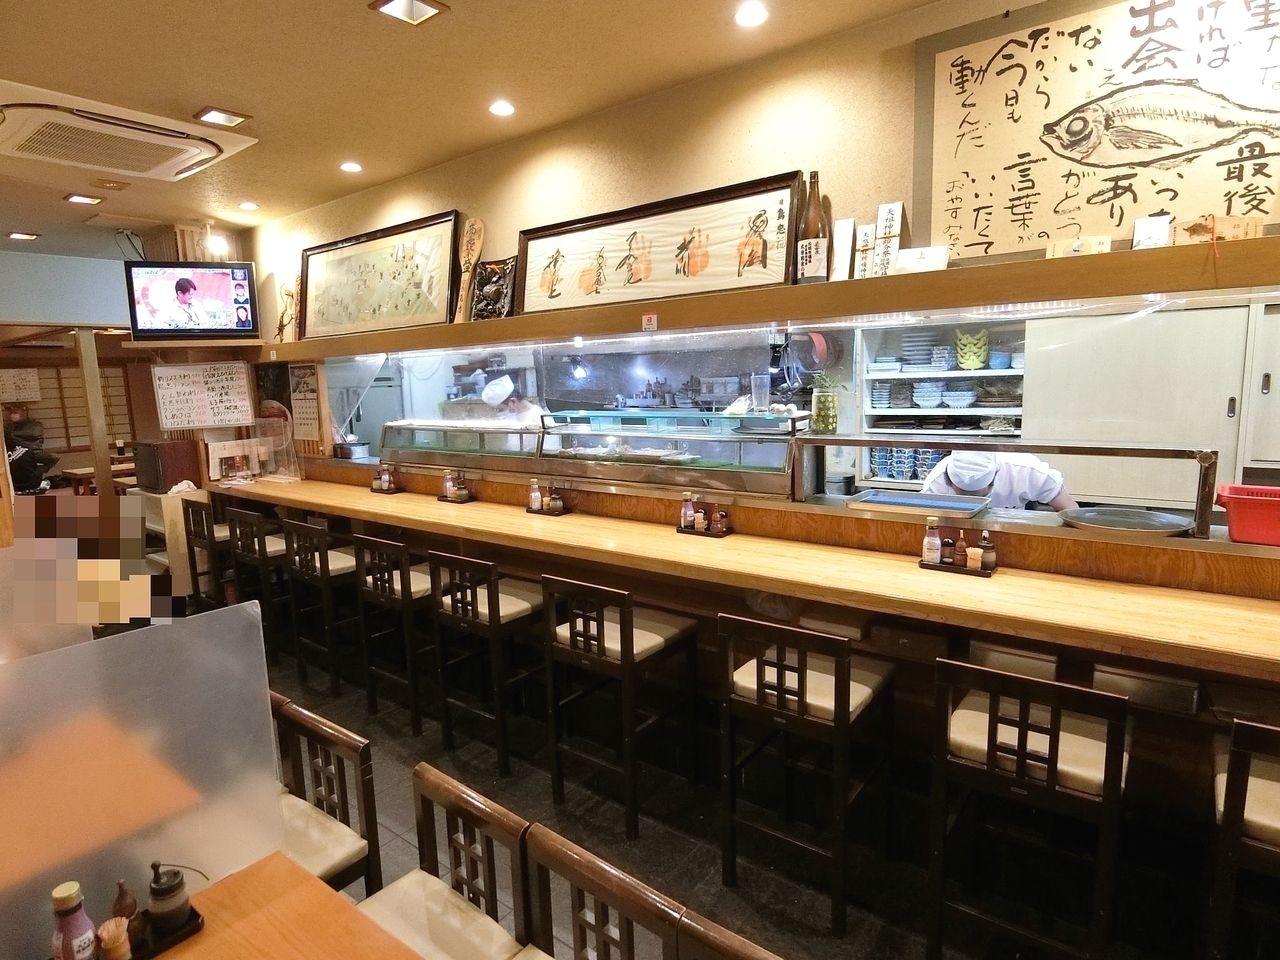 板橋区南常盤台の大衆割烹居酒屋「鳥忠本店」